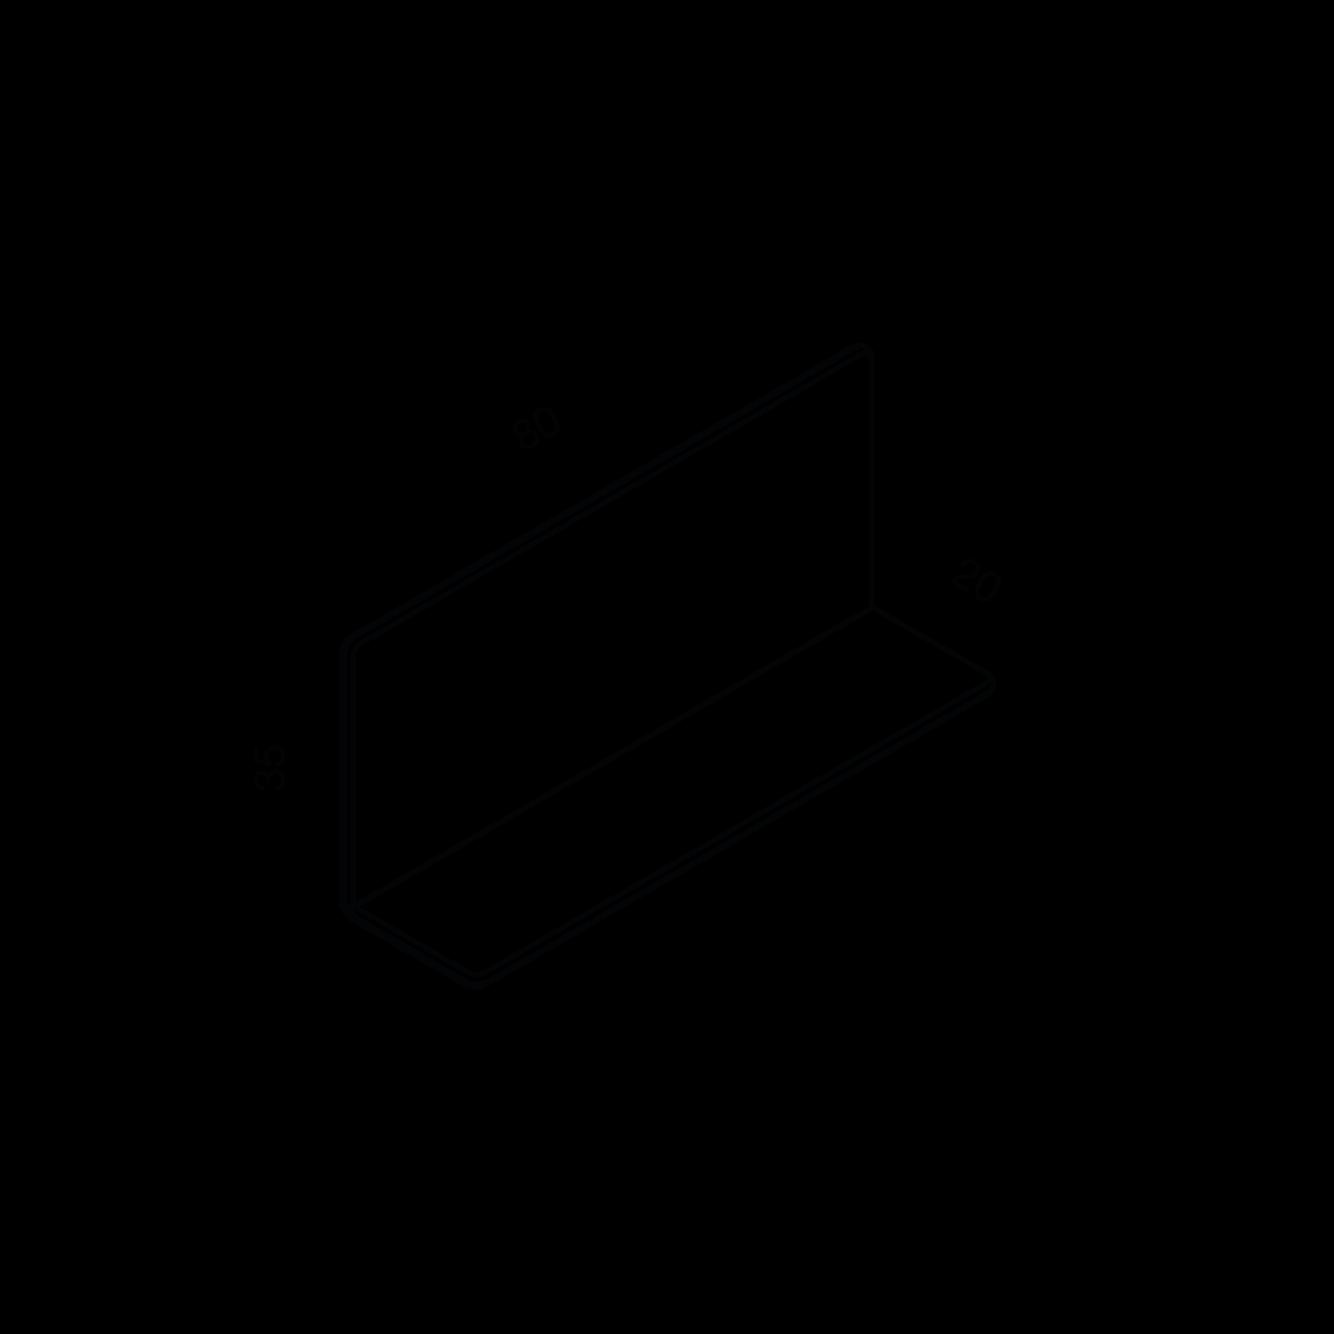 OBJ_Outlines_Keyscreen-01.png